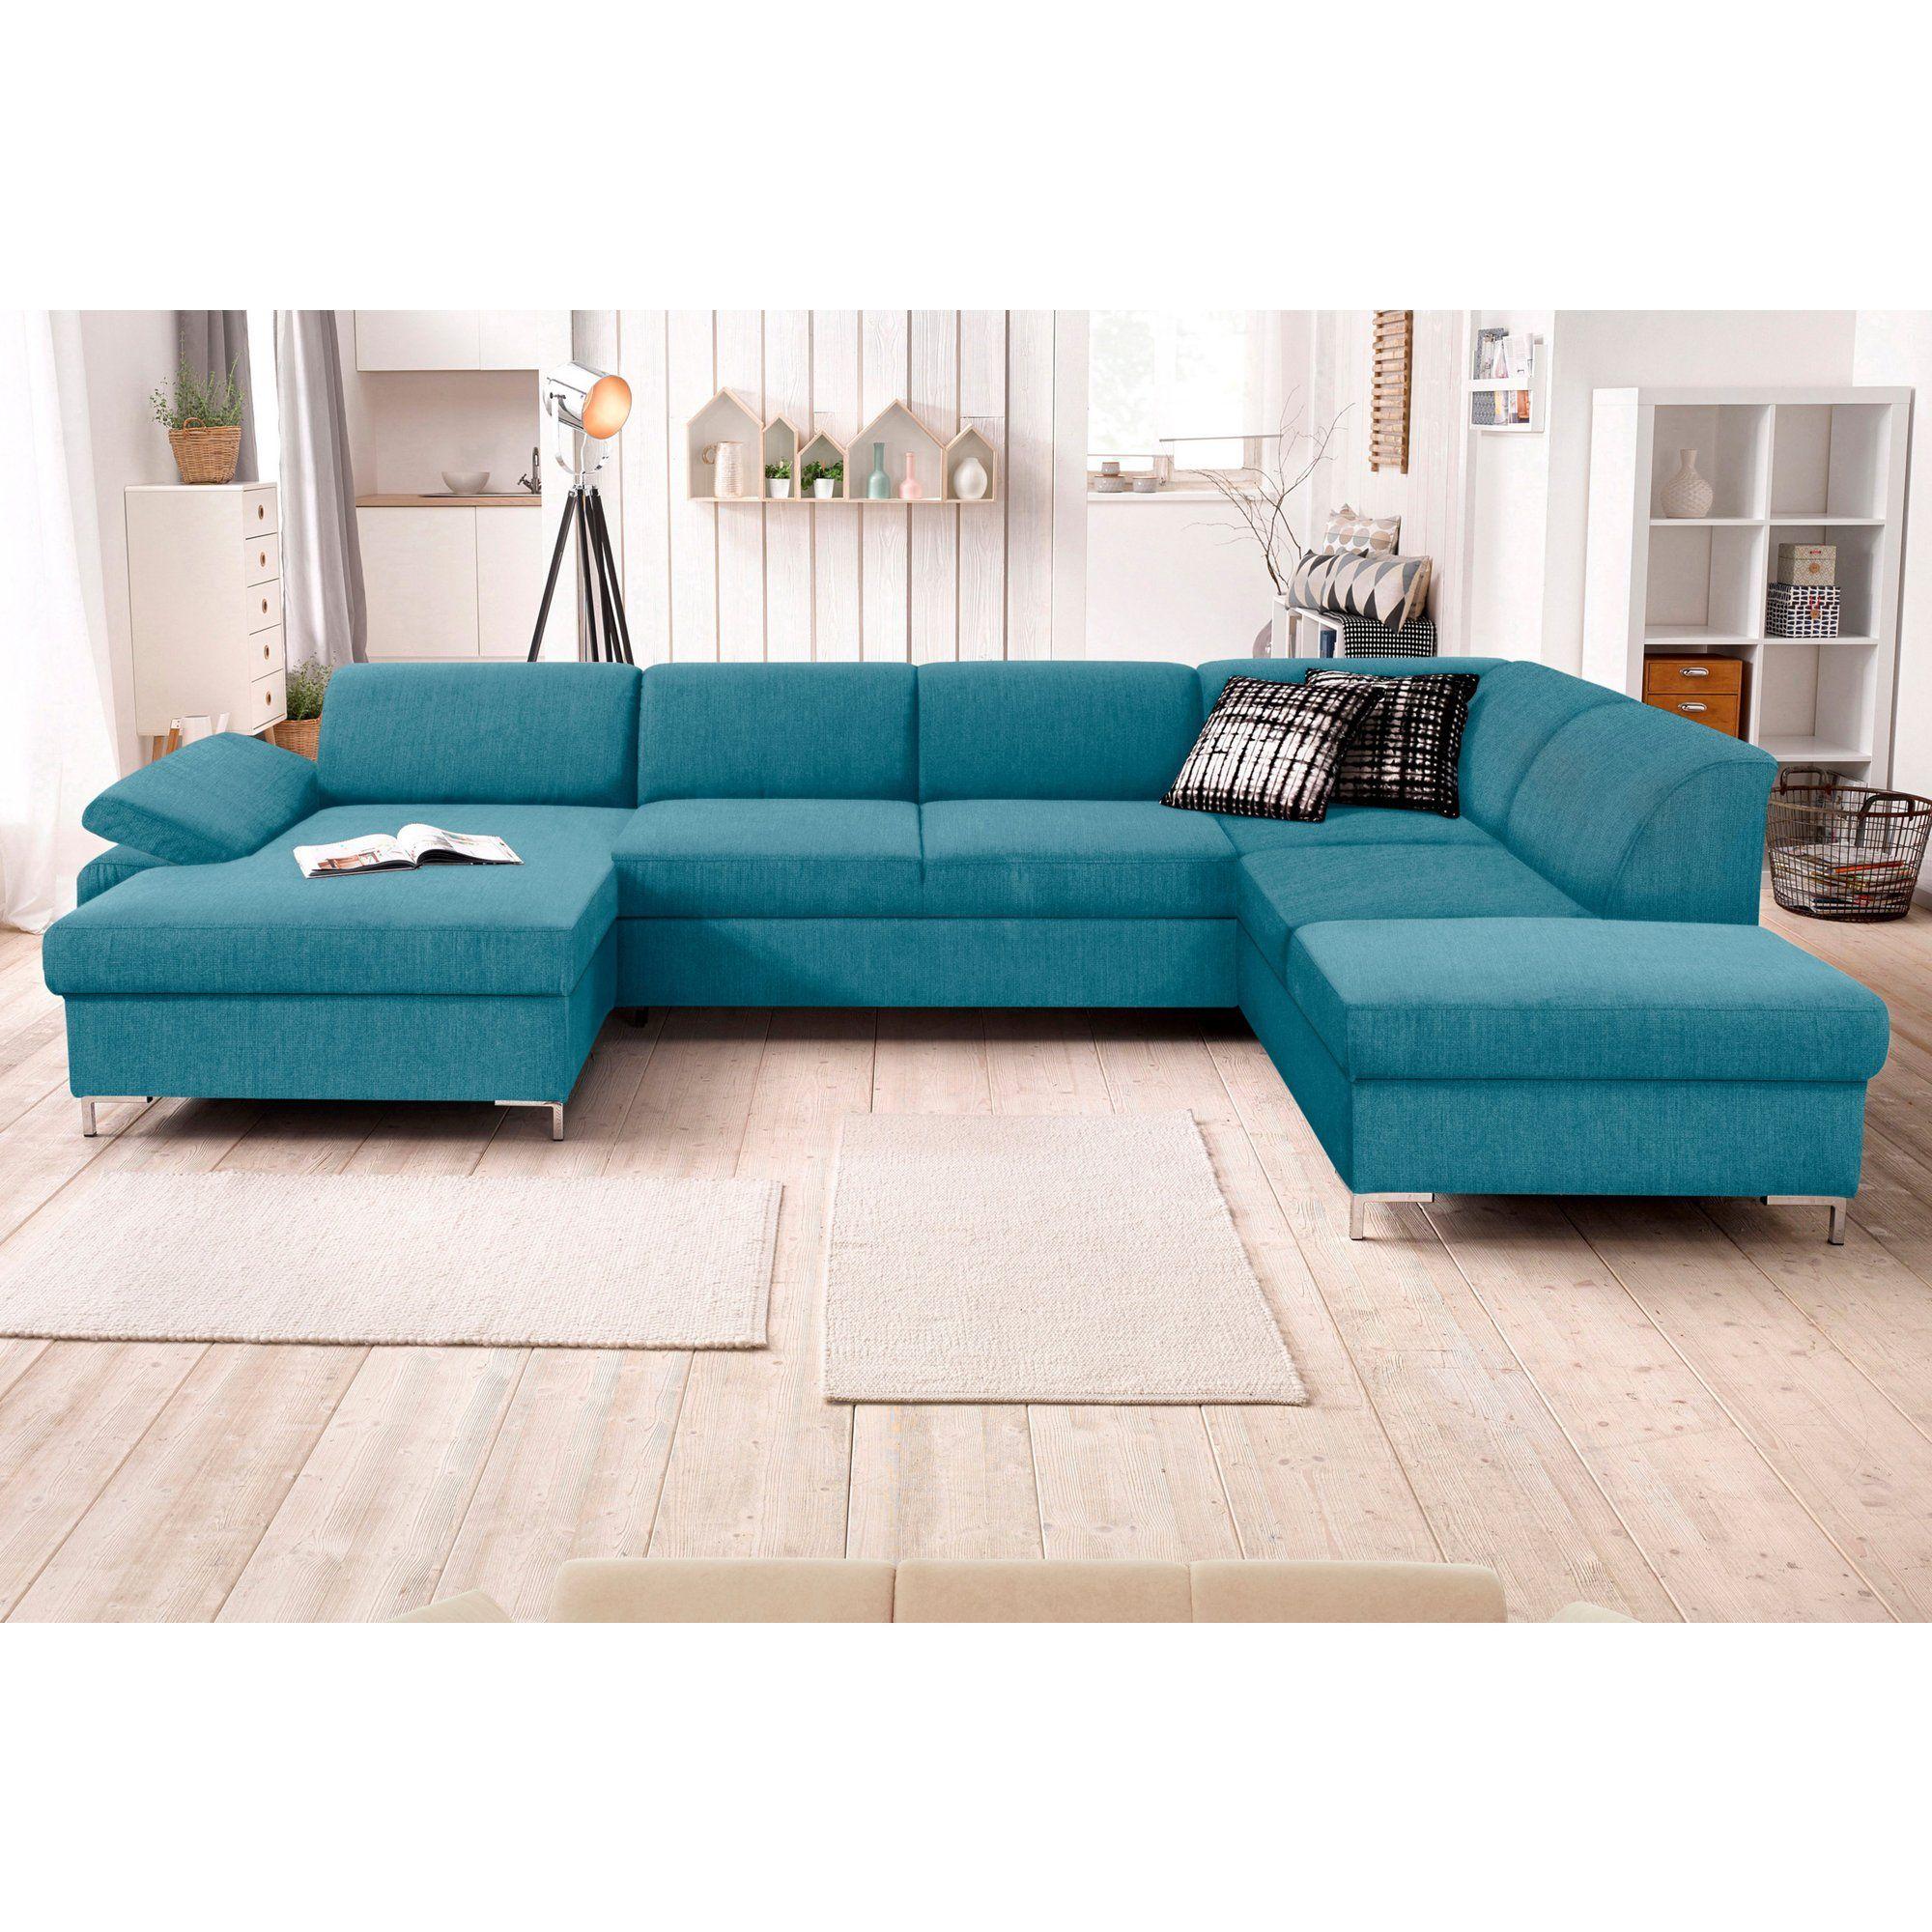 Canape D Angle Panoramique Meridienne Fixe A Droite Ou A Gauche Convertible En Tissu 3suisses Canape Angle Mobilier De Salon Salon Maison